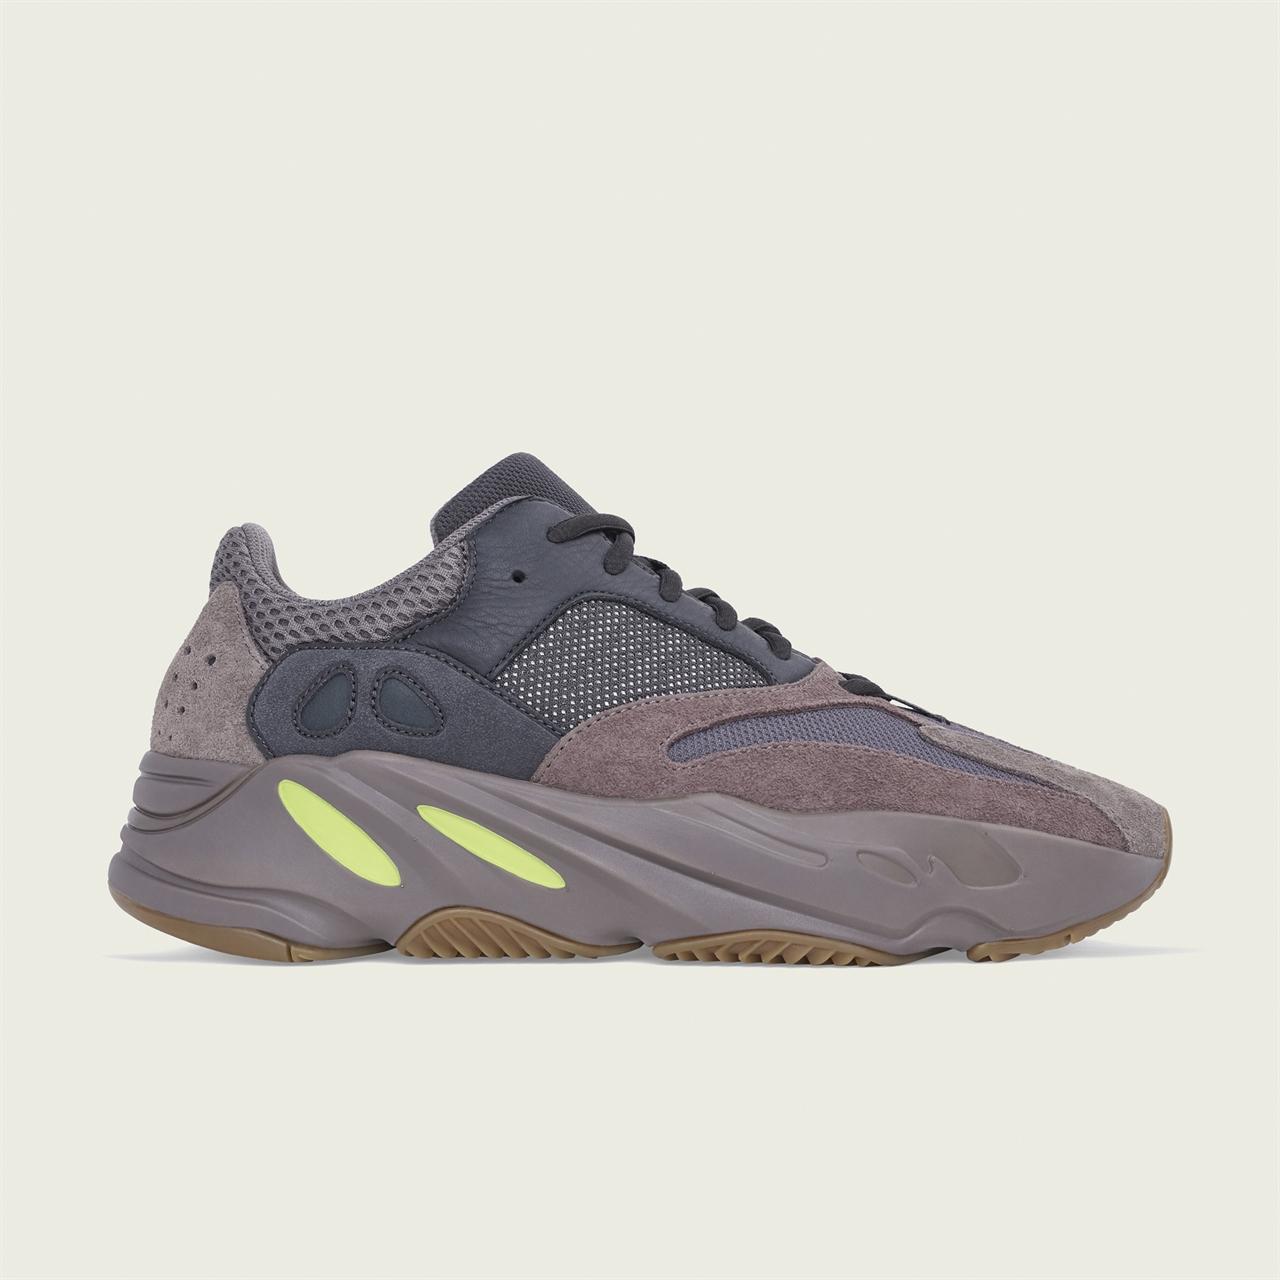 f4c666e64e8e Shelta - Adidas Originals Yeezy Boost 700 (EE9614)